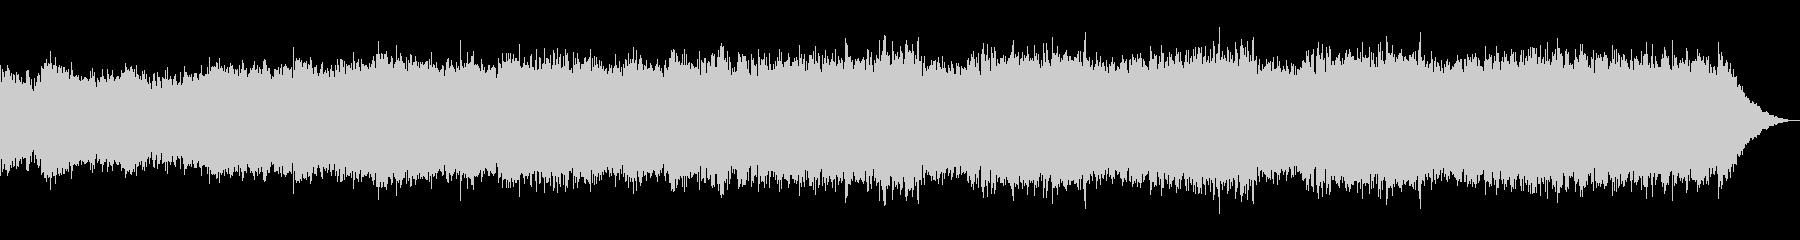 【サスペンス】緊迫感のあるピアノBGMの未再生の波形